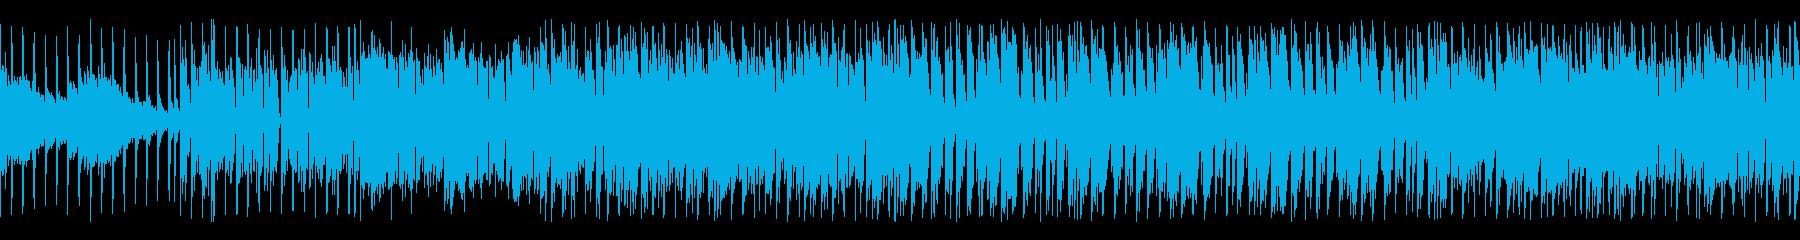 きらきら回る 明るいEDM★ループの再生済みの波形